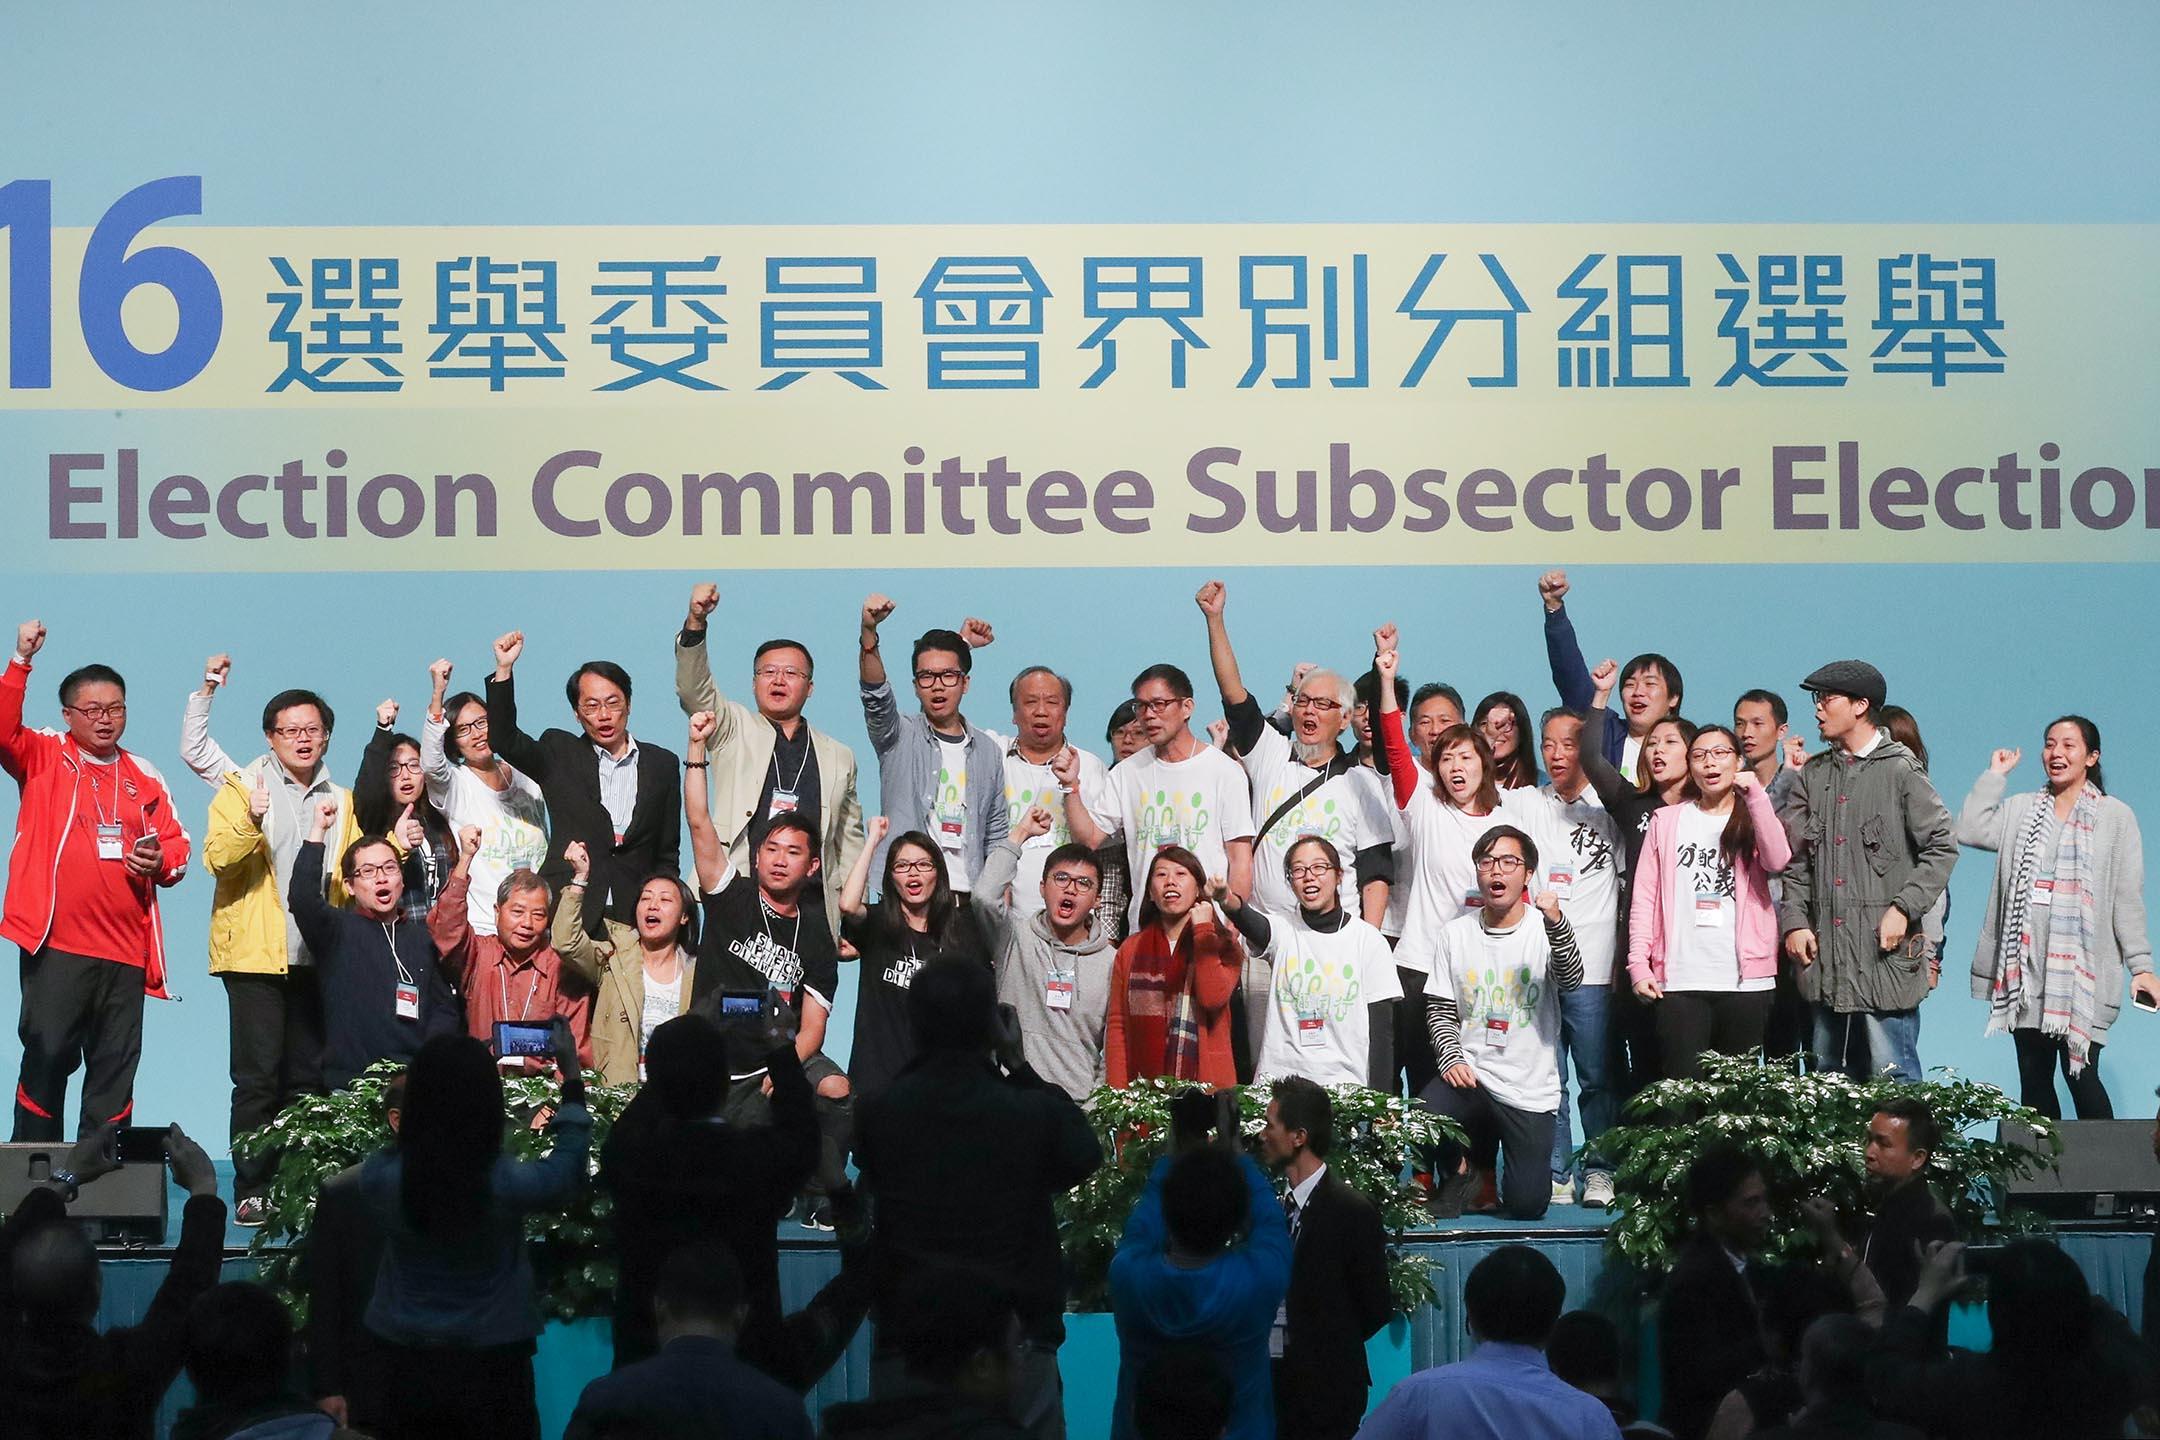 2016年12月12日,選舉委員會界別分組選舉中社會福利界的候選人慶祝勝選。